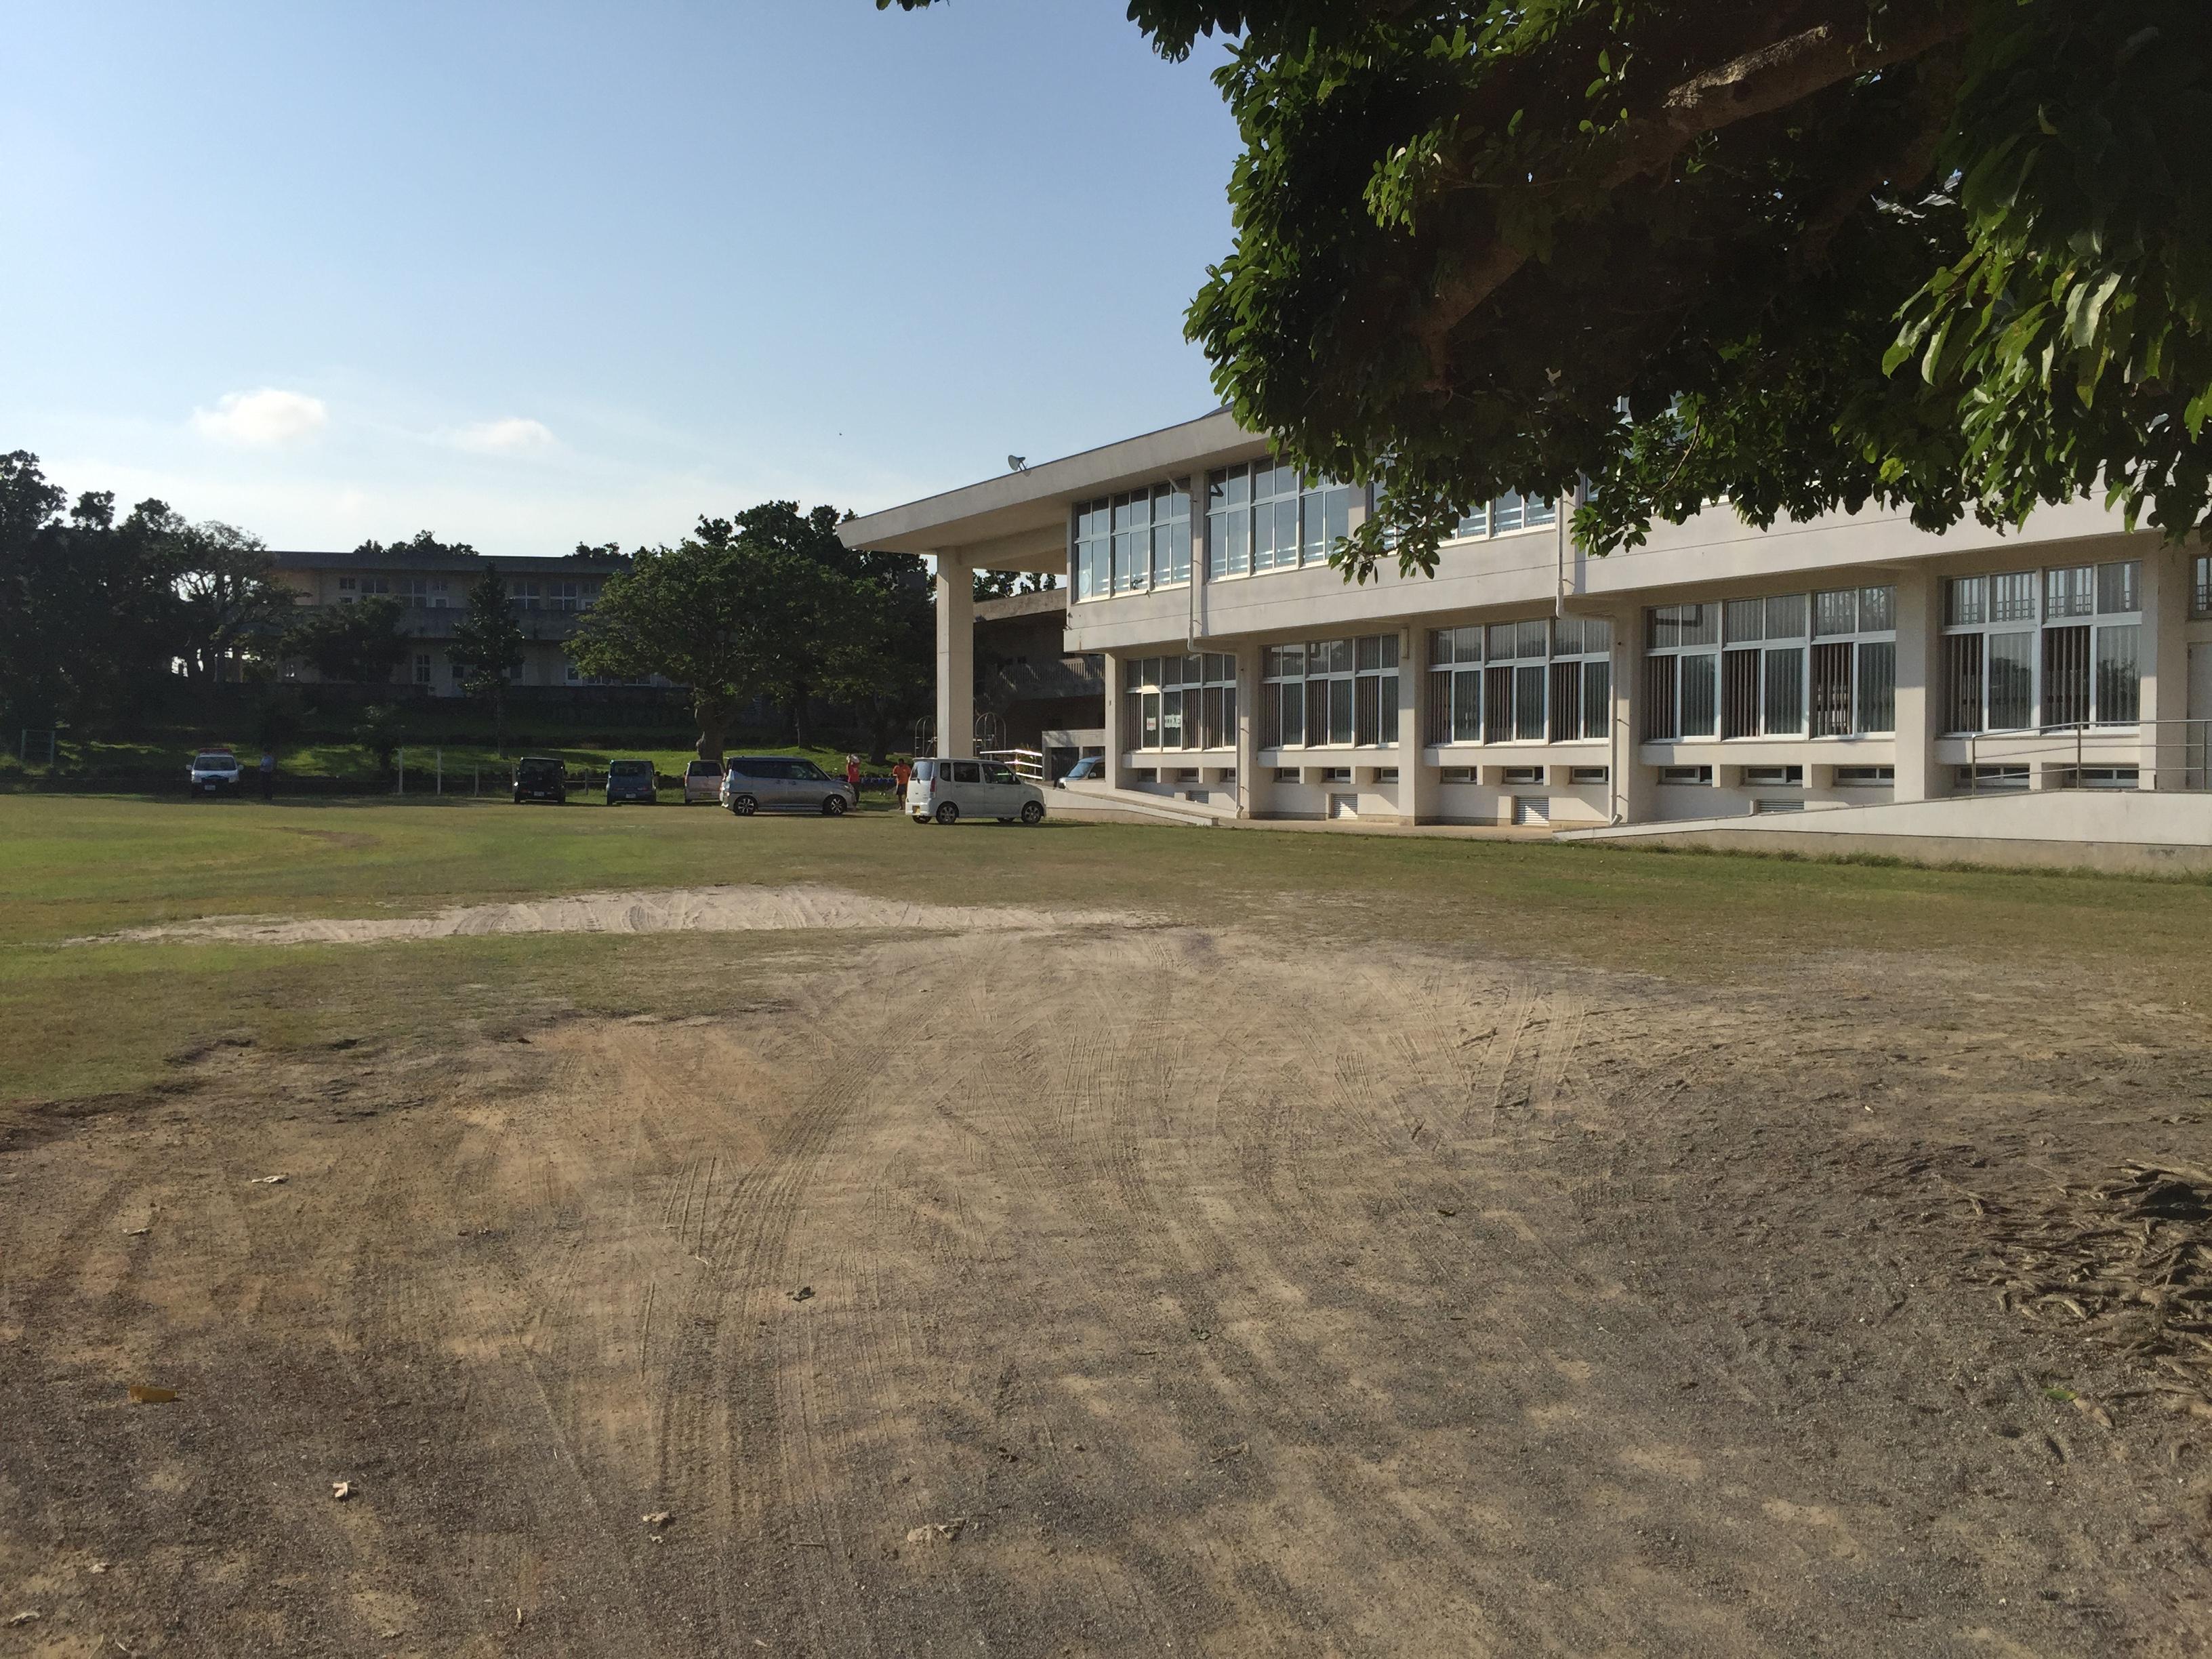 白保小学校の体育館とグランド